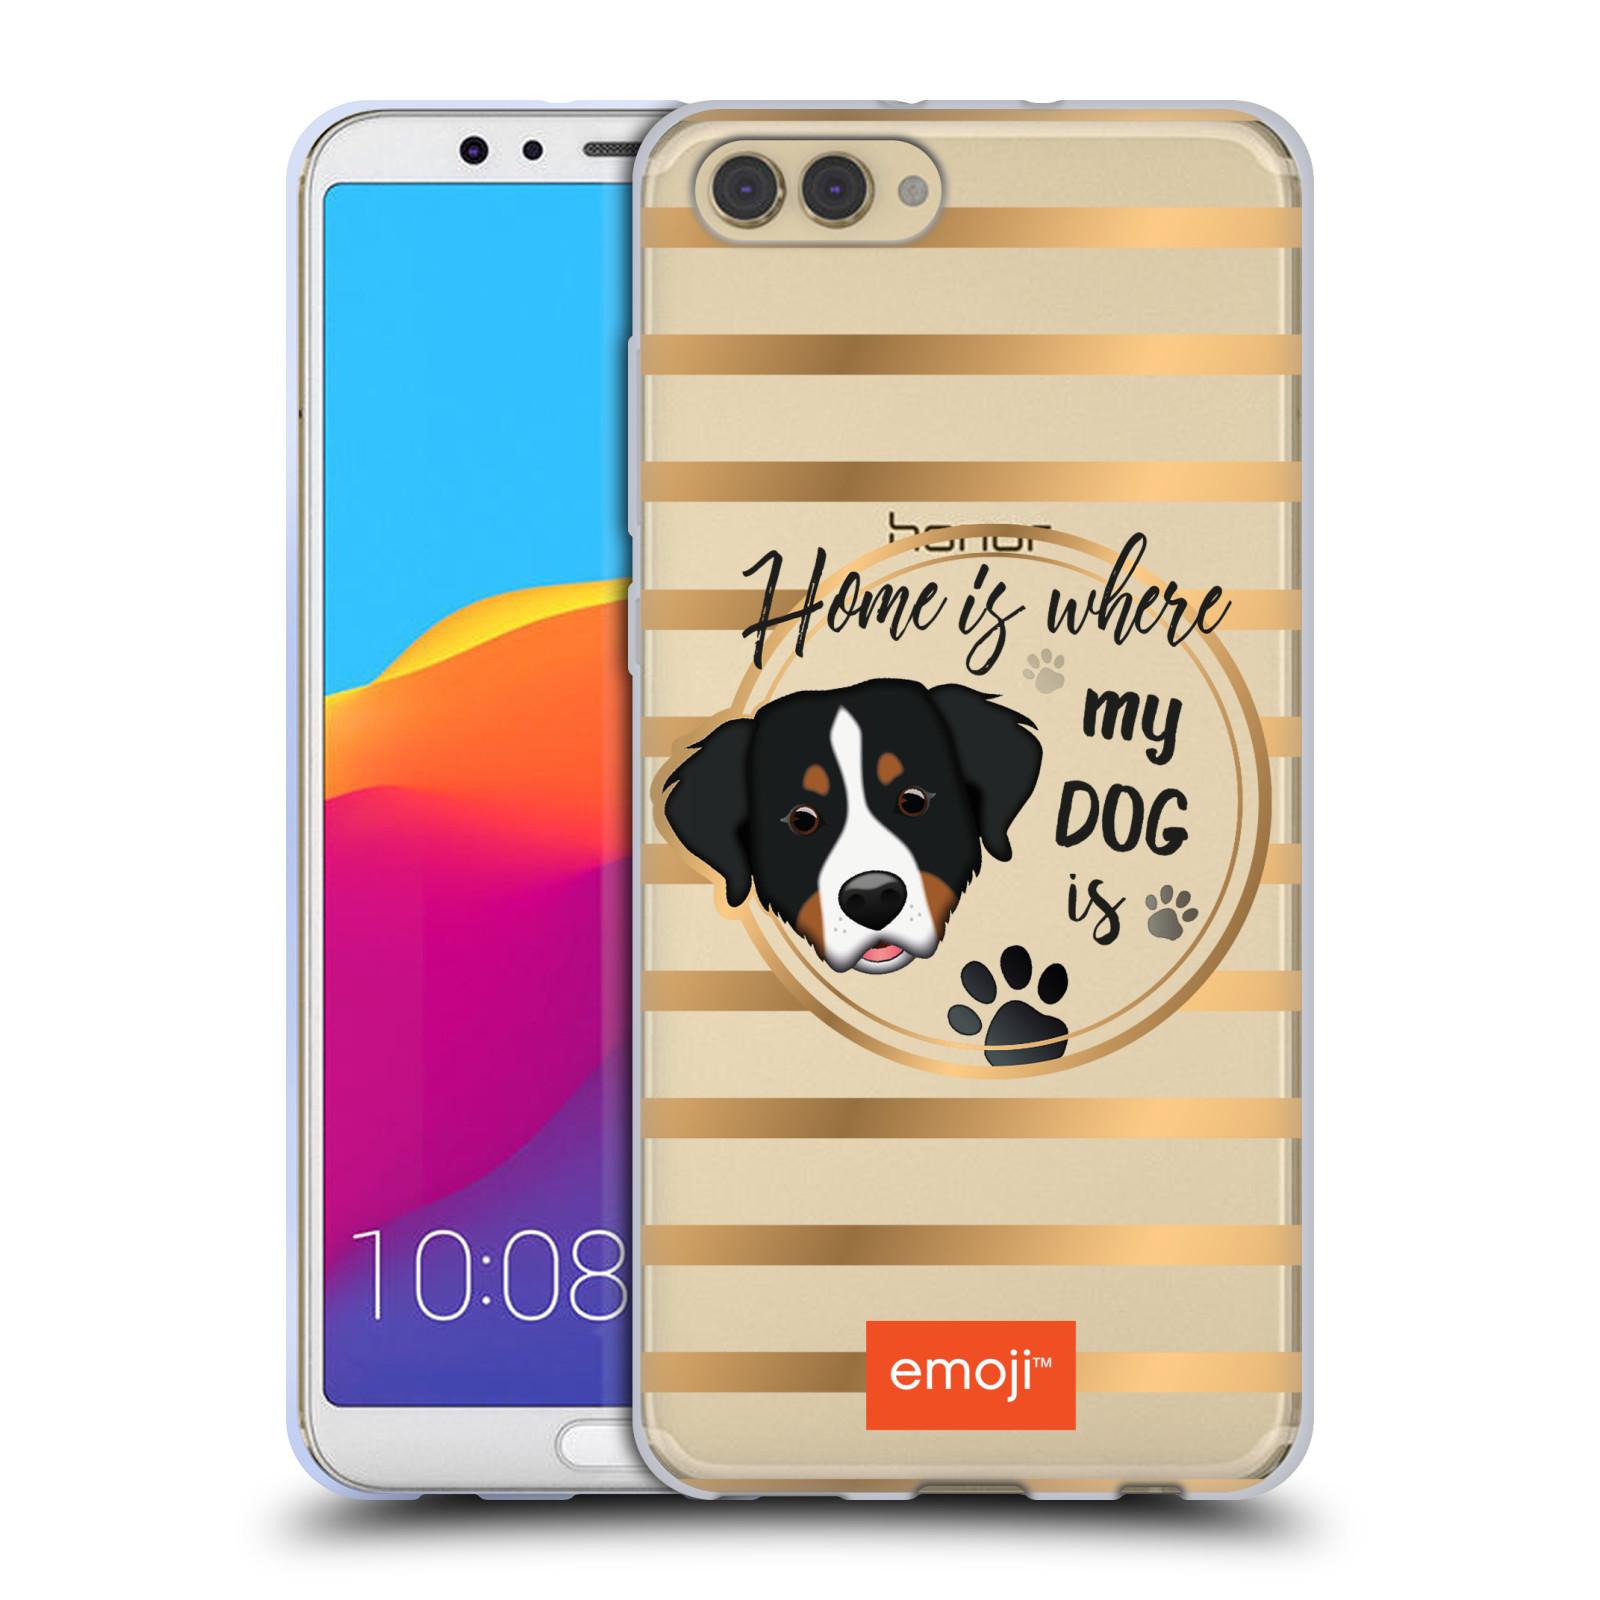 HEAD CASE silikonový obal na mobil Huawei HONOR VIEW 10 / V10 oficiální kryt EMOJI pejskův domov